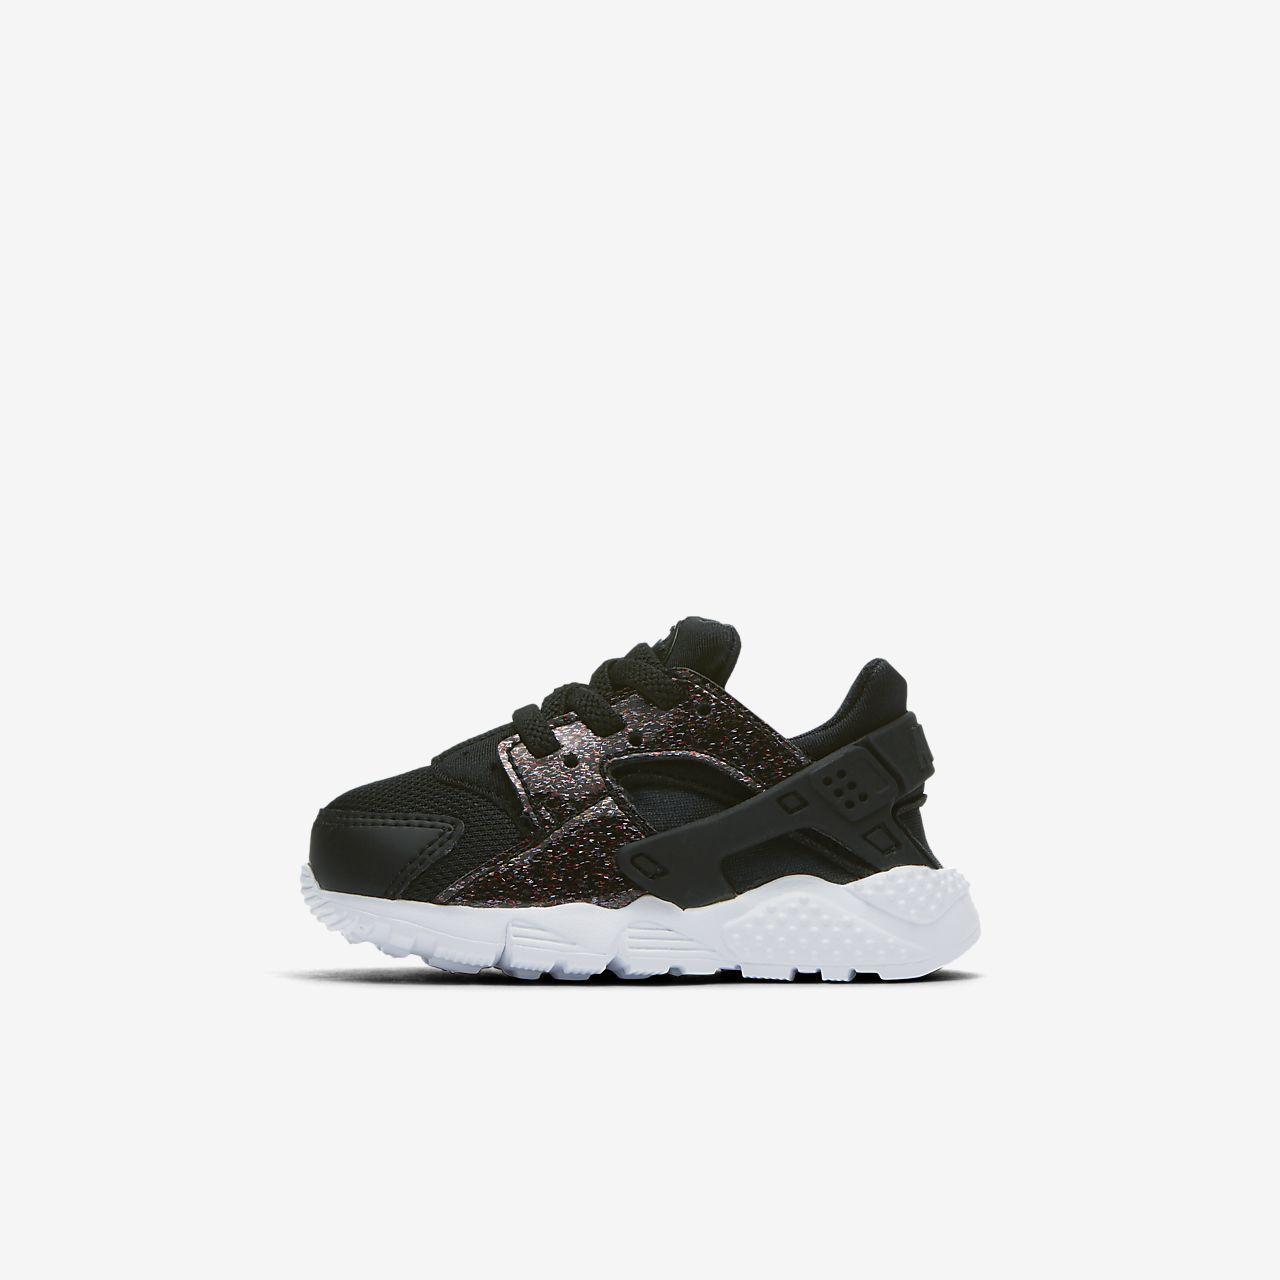 5b99c5295af5 Nike Huarache Infant Toddler Shoe Size 9C (Black)